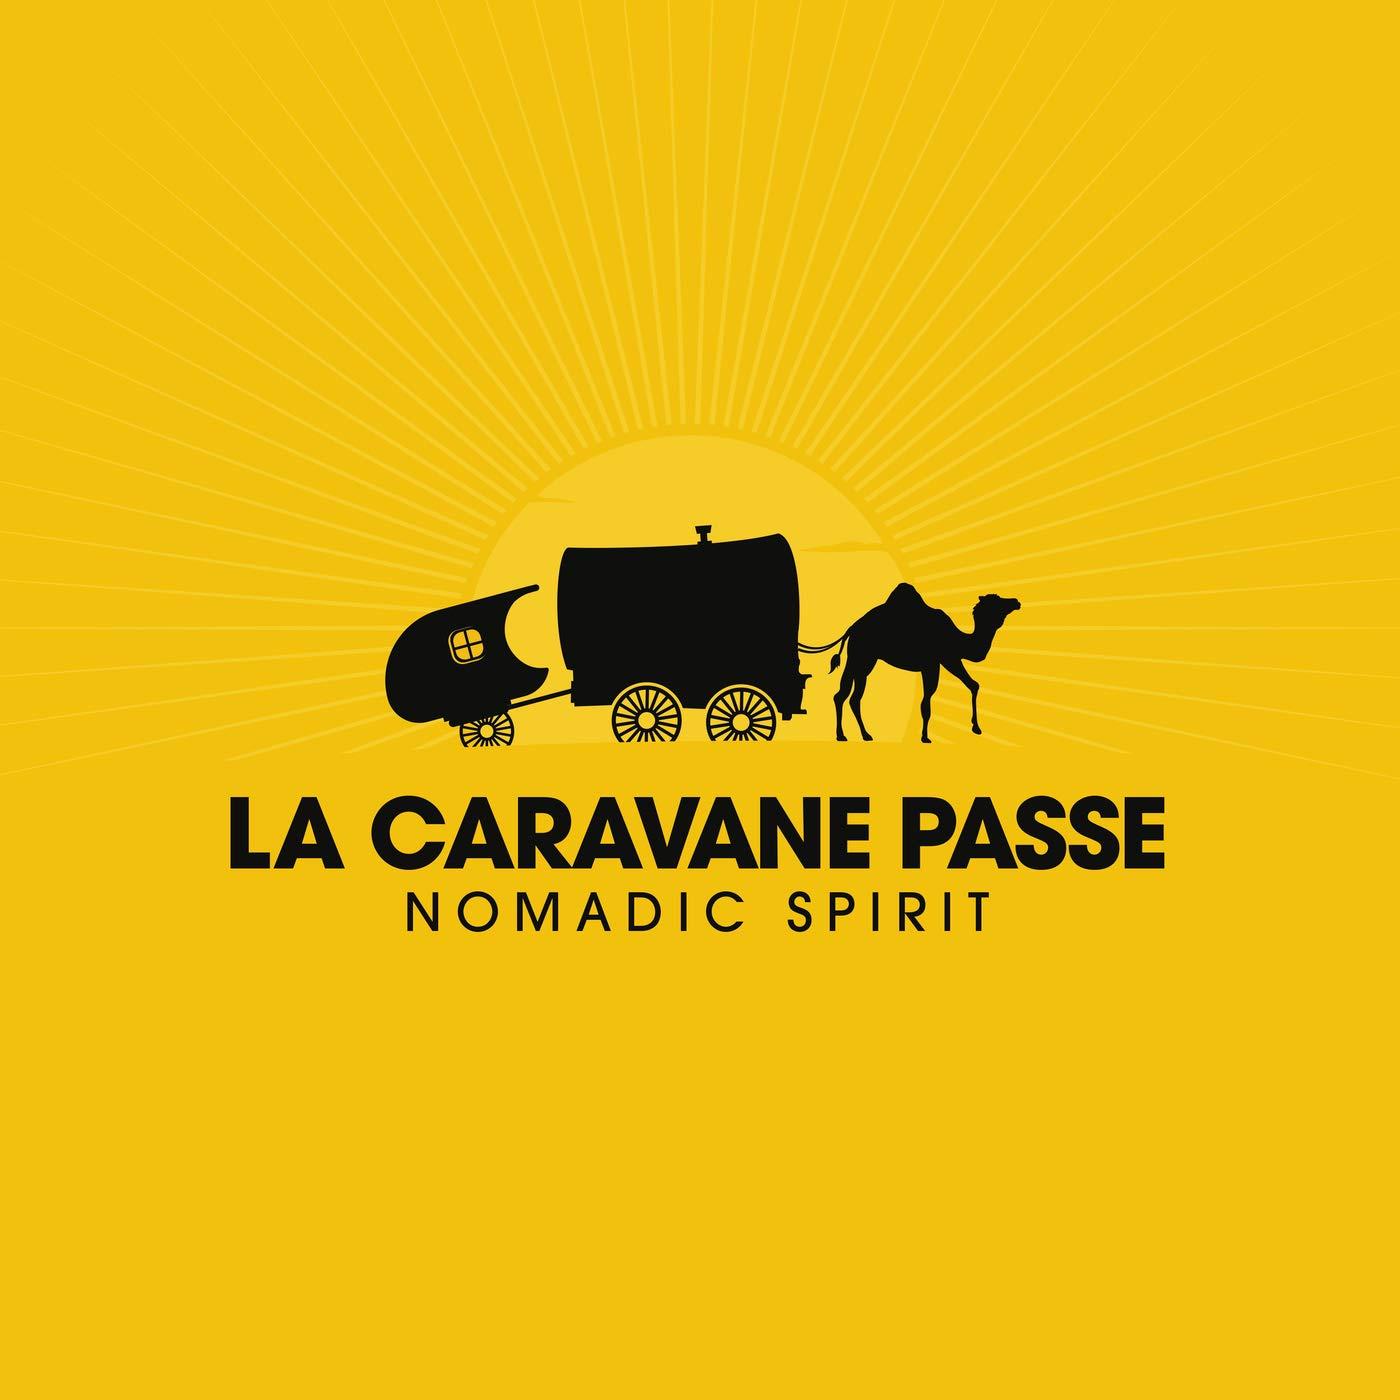 La Caravane Passe - Nomadic Spirit